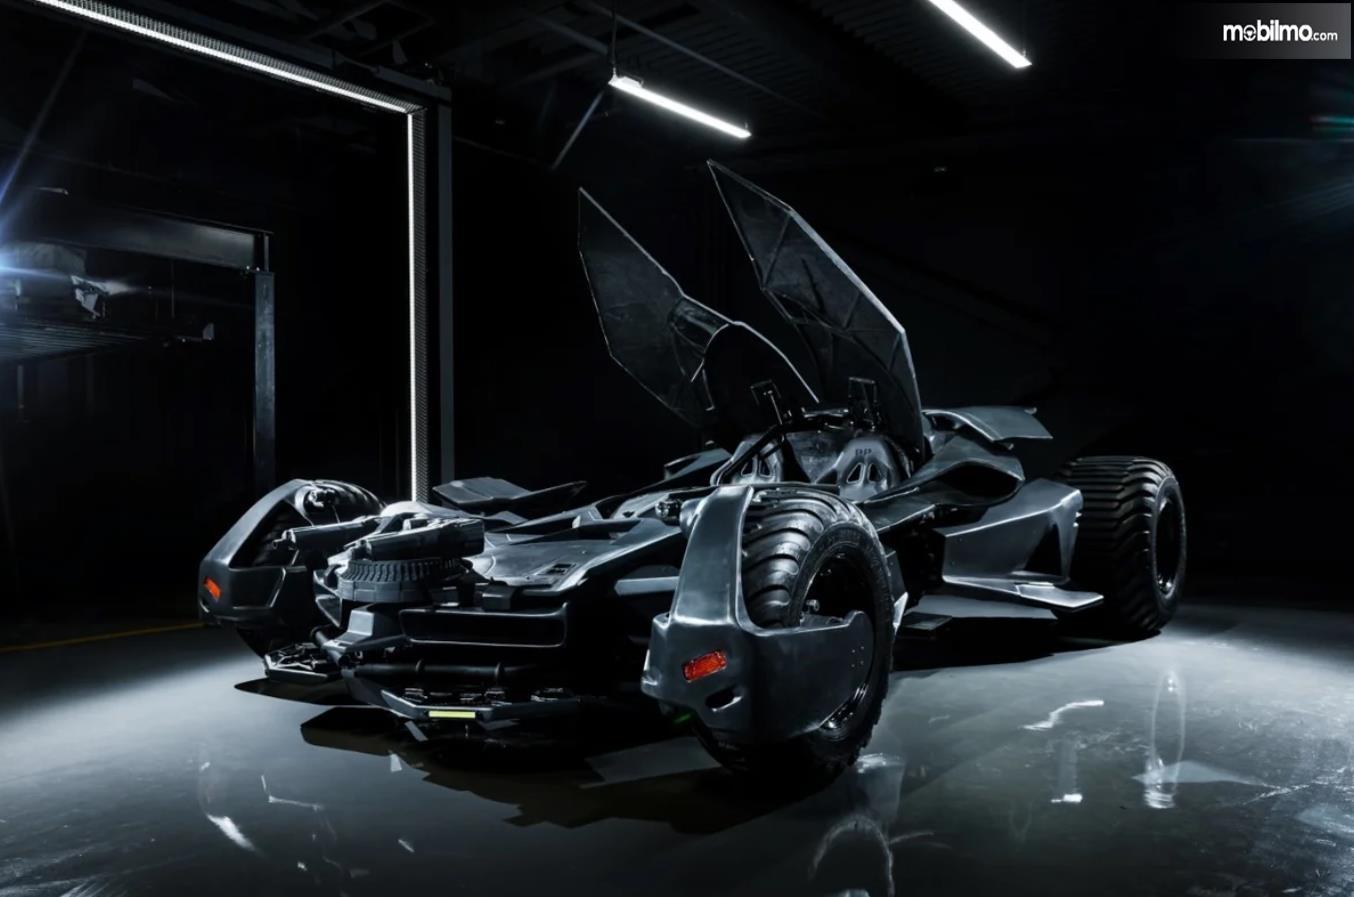 Foto Batmobile FastBoomPro dalam kondisi pintu terbuka